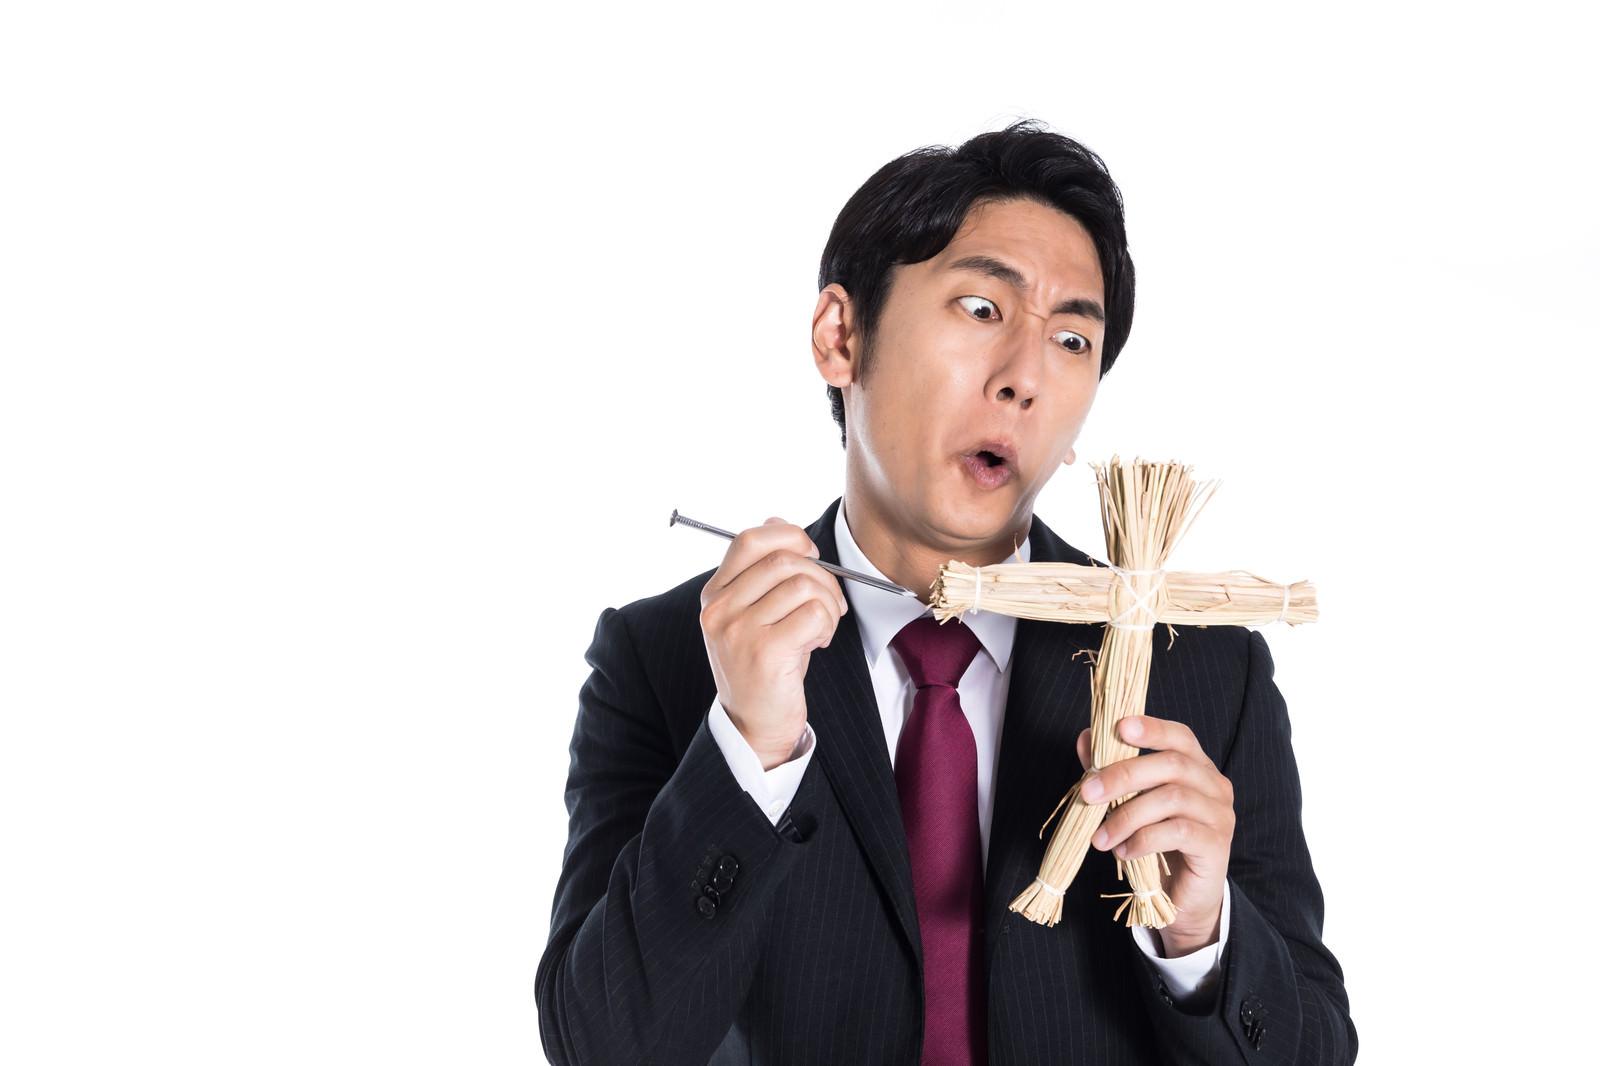 「ライバルへの妬みを藁人形へぶつける会社員」の写真[モデル:大川竜弥]